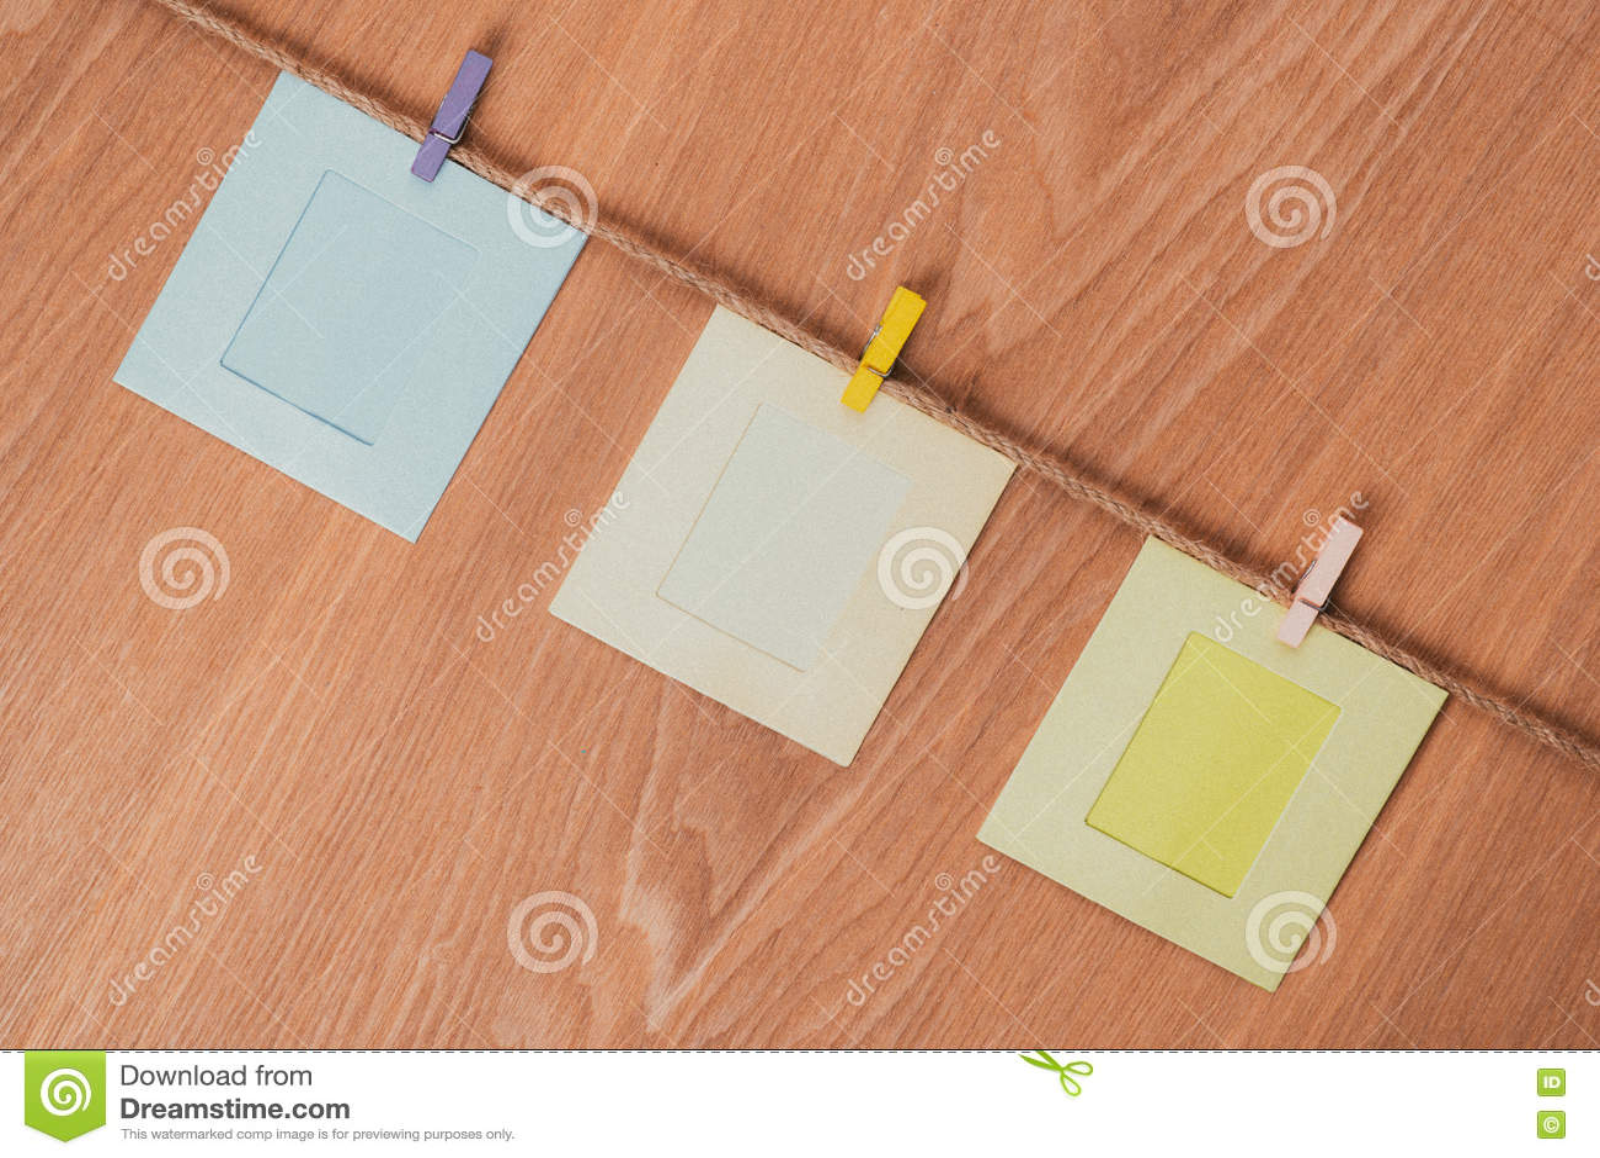 Leere Fotorahmen auf Holztisch Alter Kompass und Seil auf Leinwand Drei quadratische Rahmen auf Seil